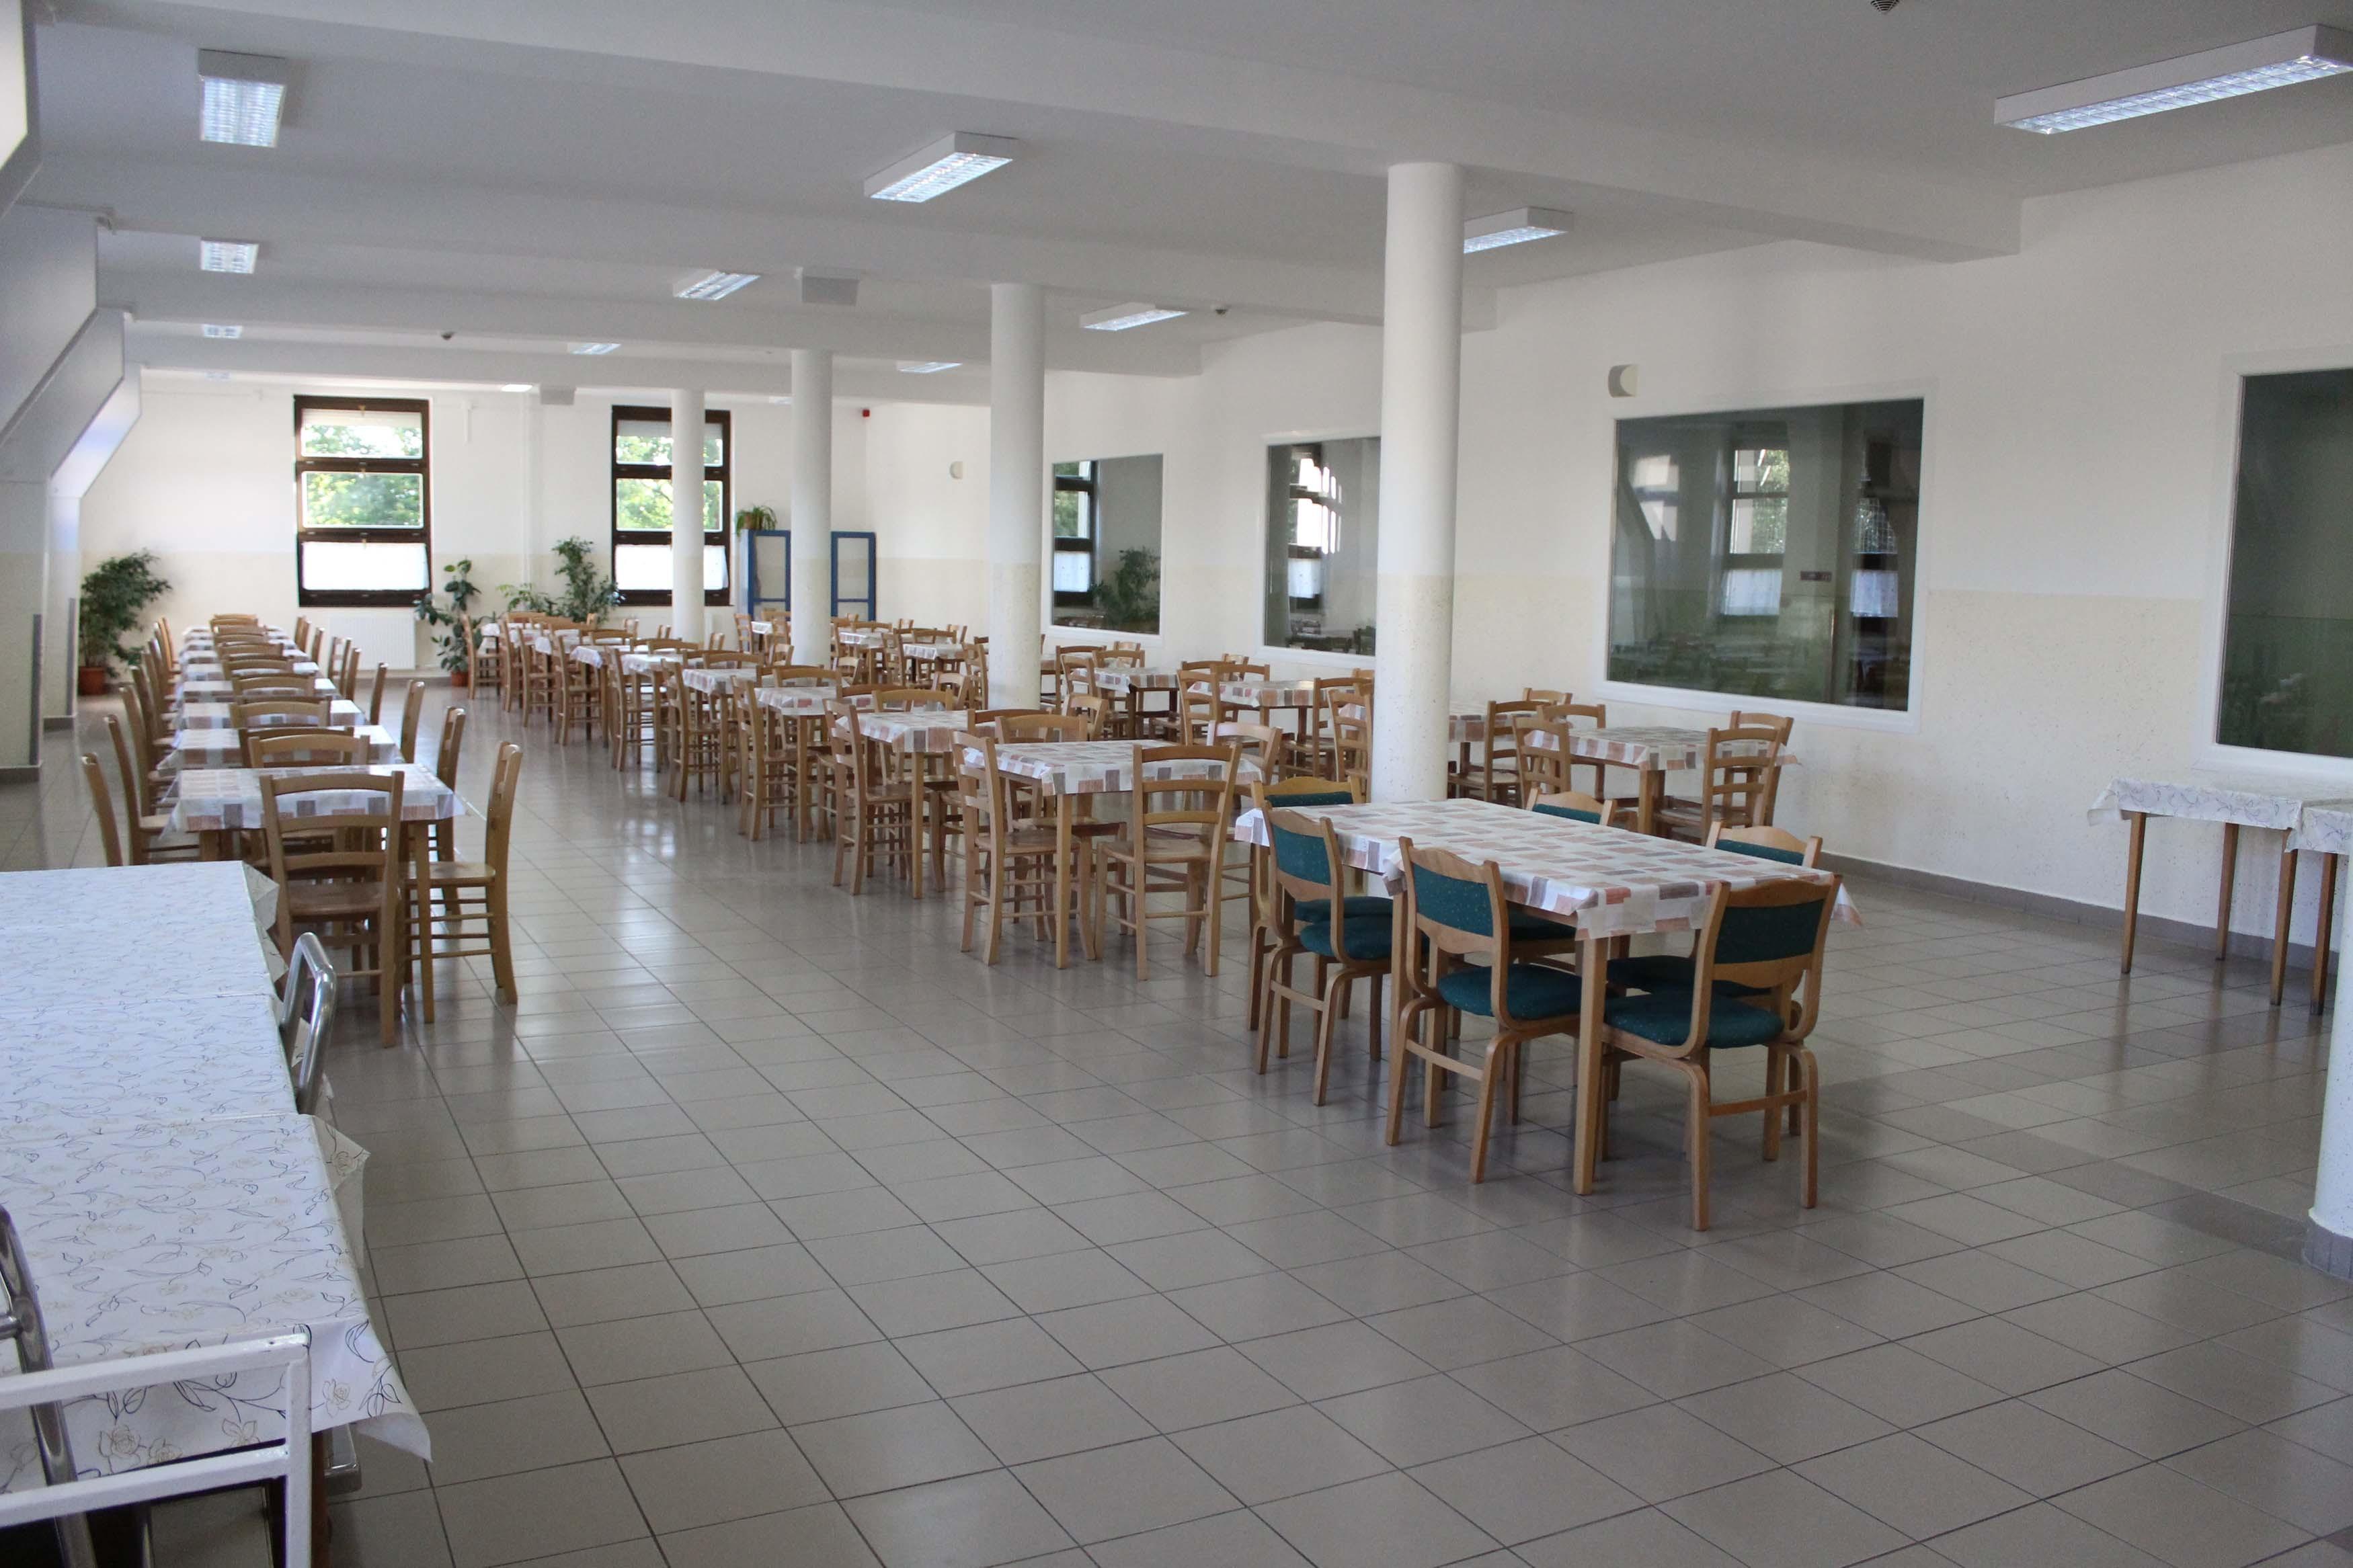 Több komlói iskola is megújult a tanév kezdetére